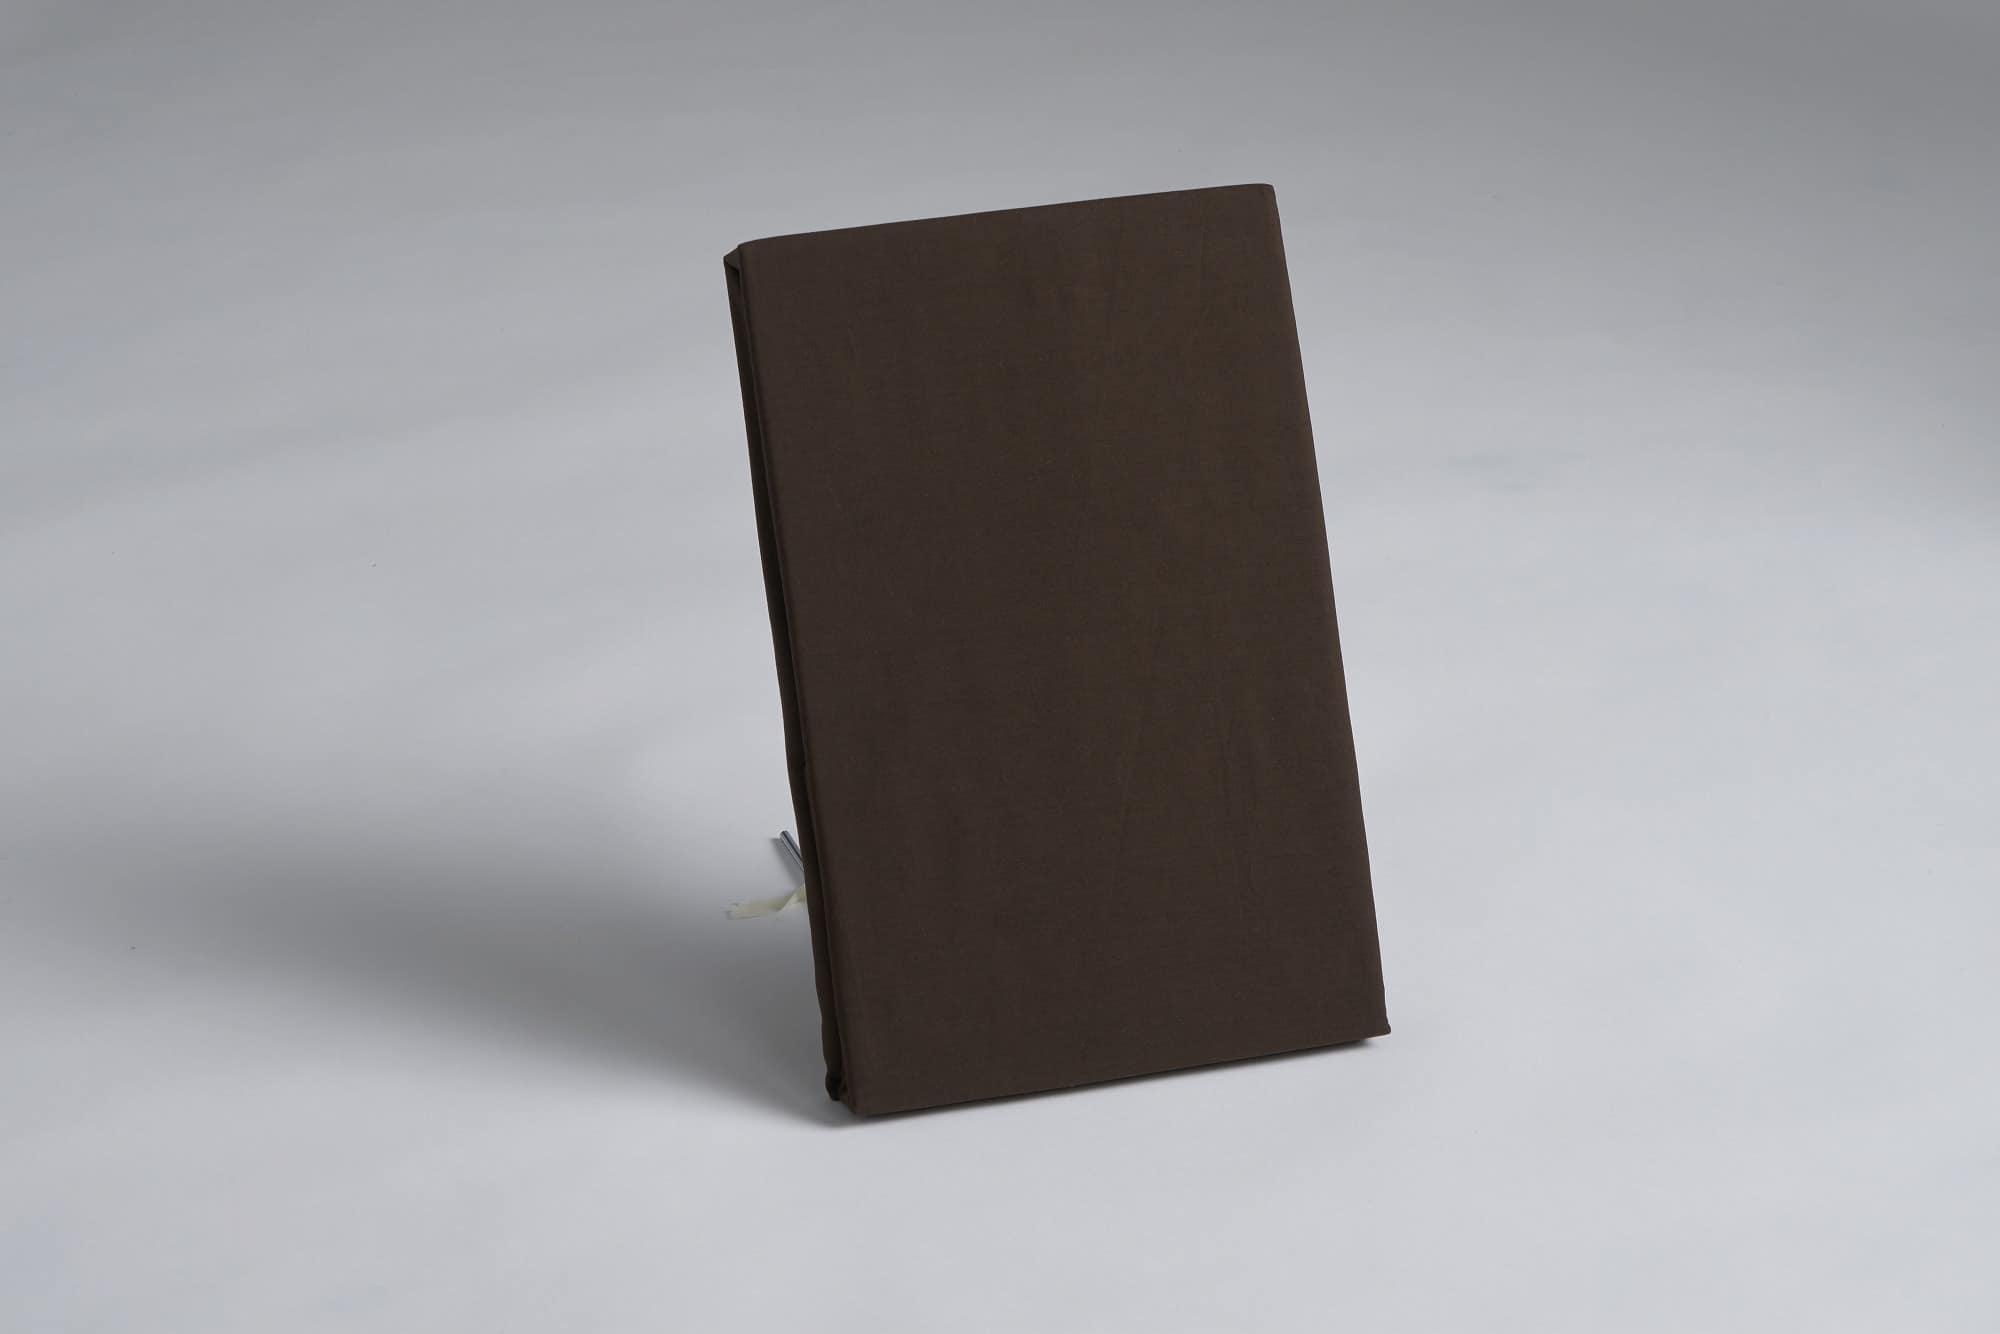 ボックスシーツ クイーン1用 30H ブラウン